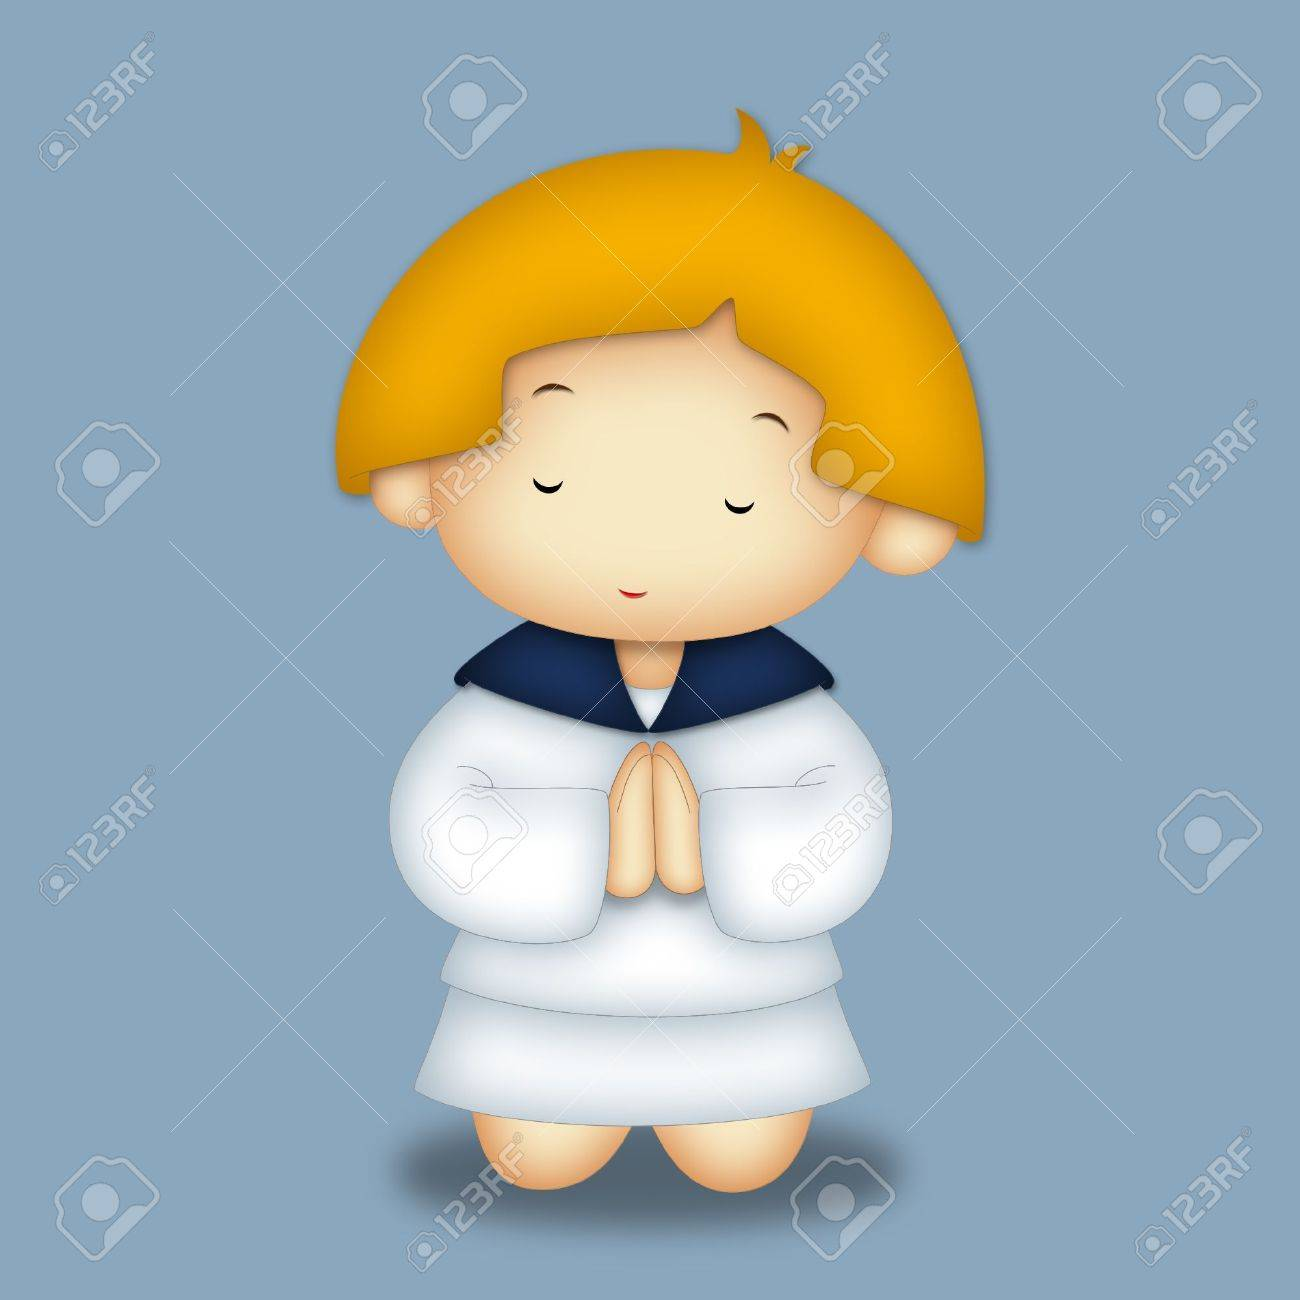 Praying girl wearing navy style dress. Stock Photo - 8020981